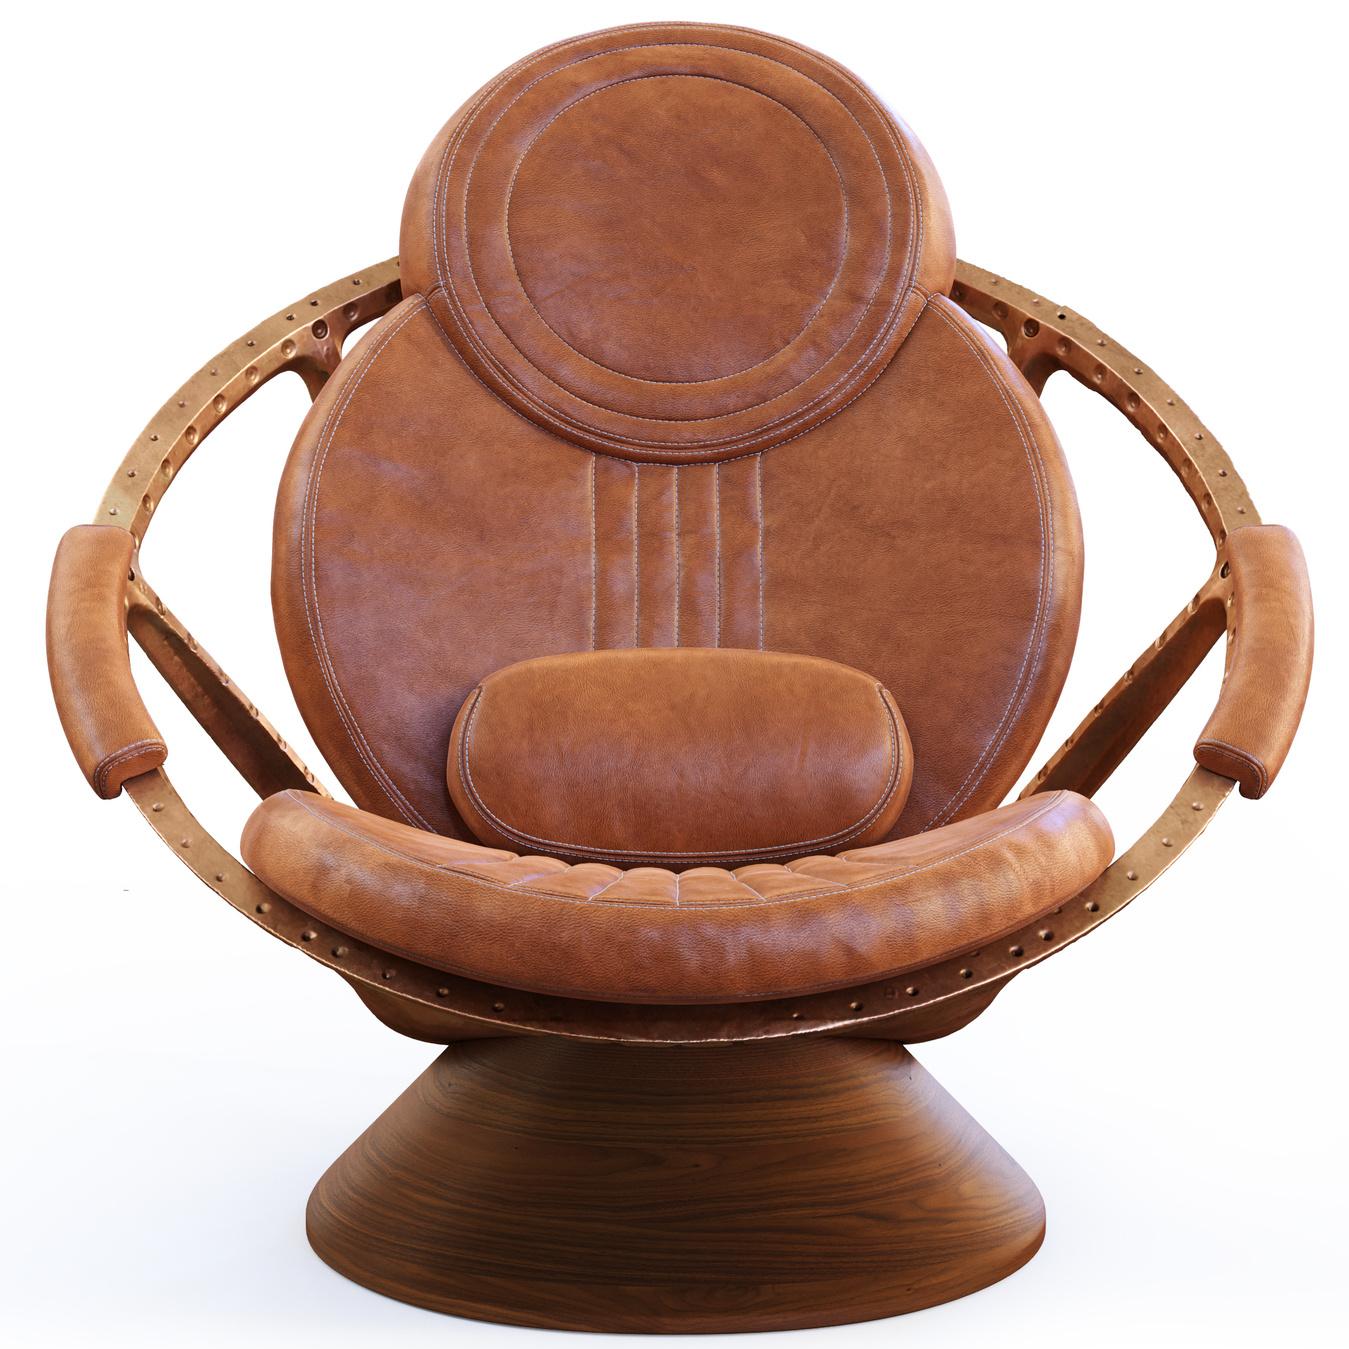 Первым делом самолеты: кресло Ильи Легчатова (галерея 6, фото 1)